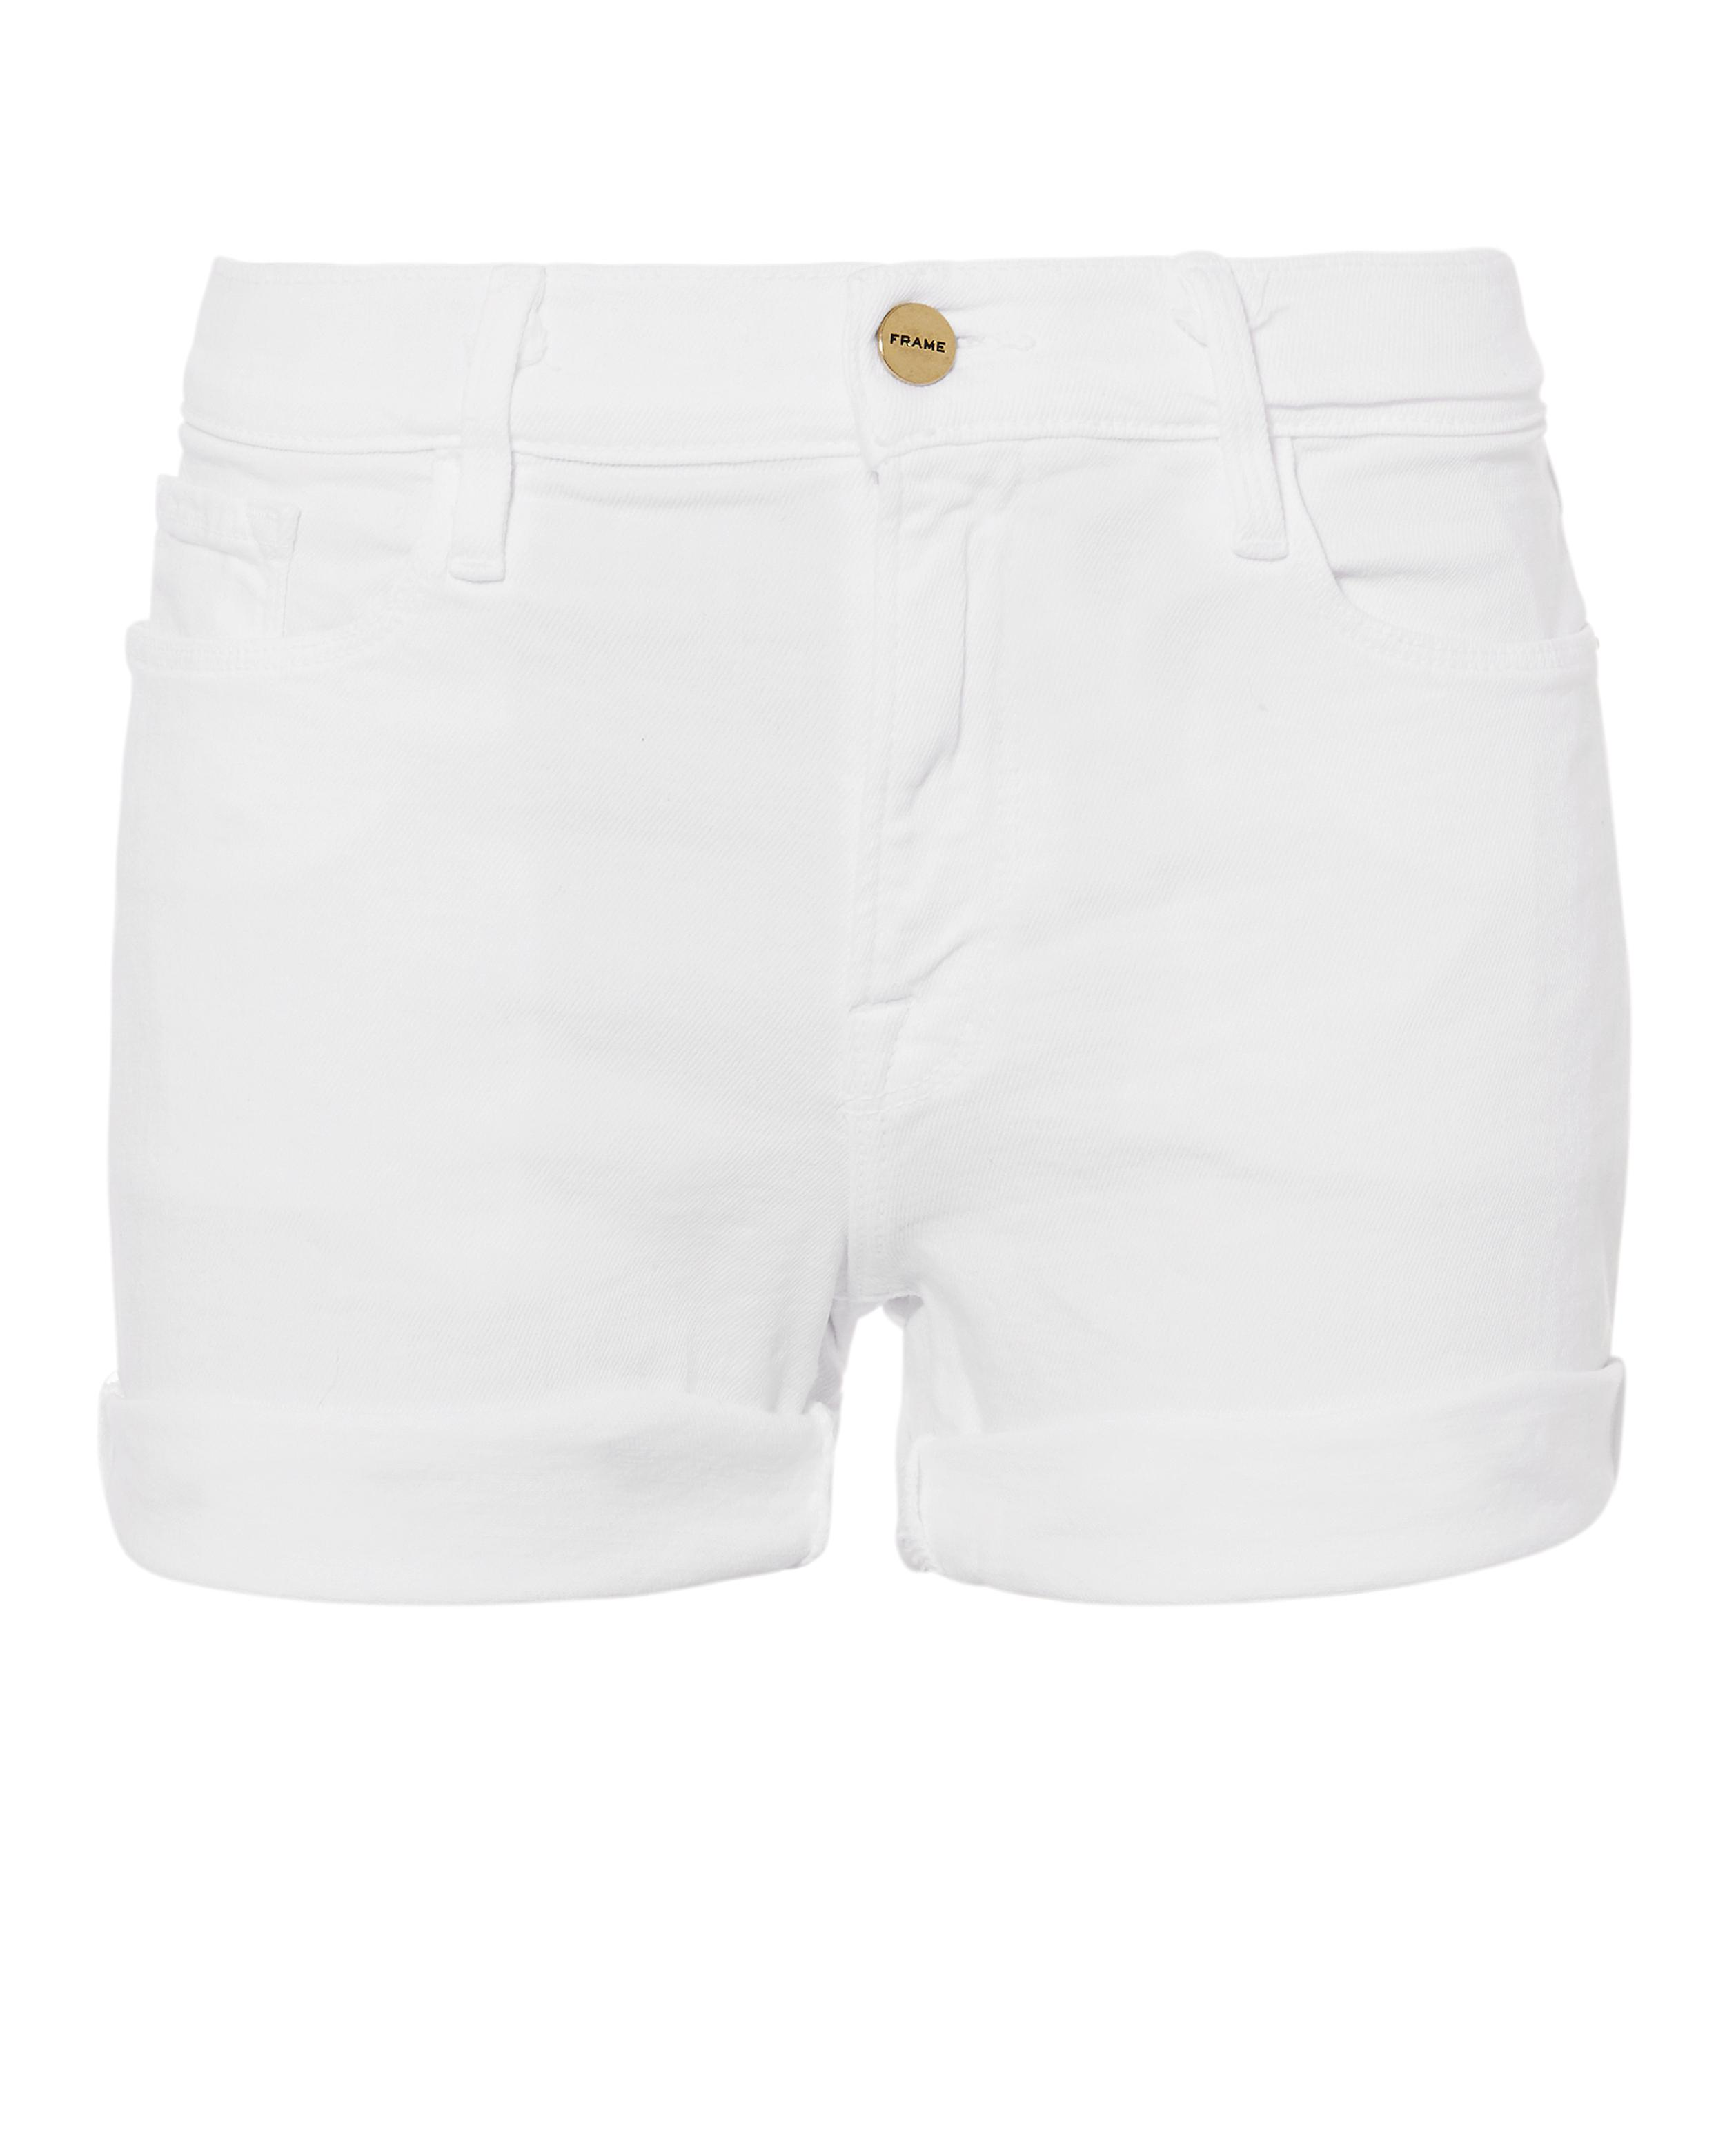 Le Cutoff Denim Shorts in White